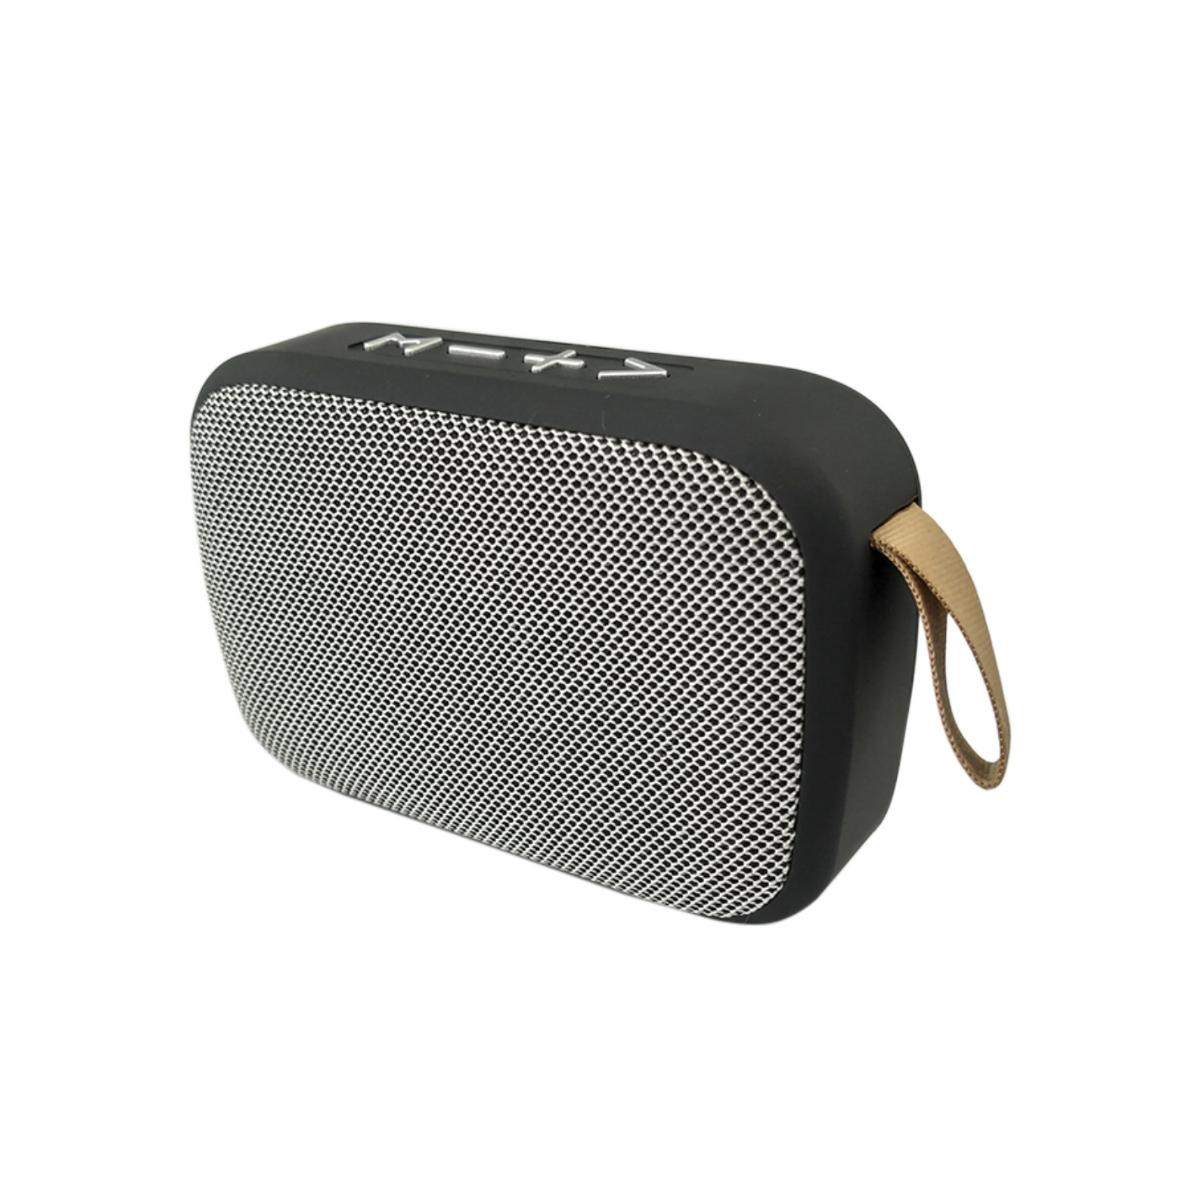 Caixa Som Sem Fio Bluetooth Portátil Evolut